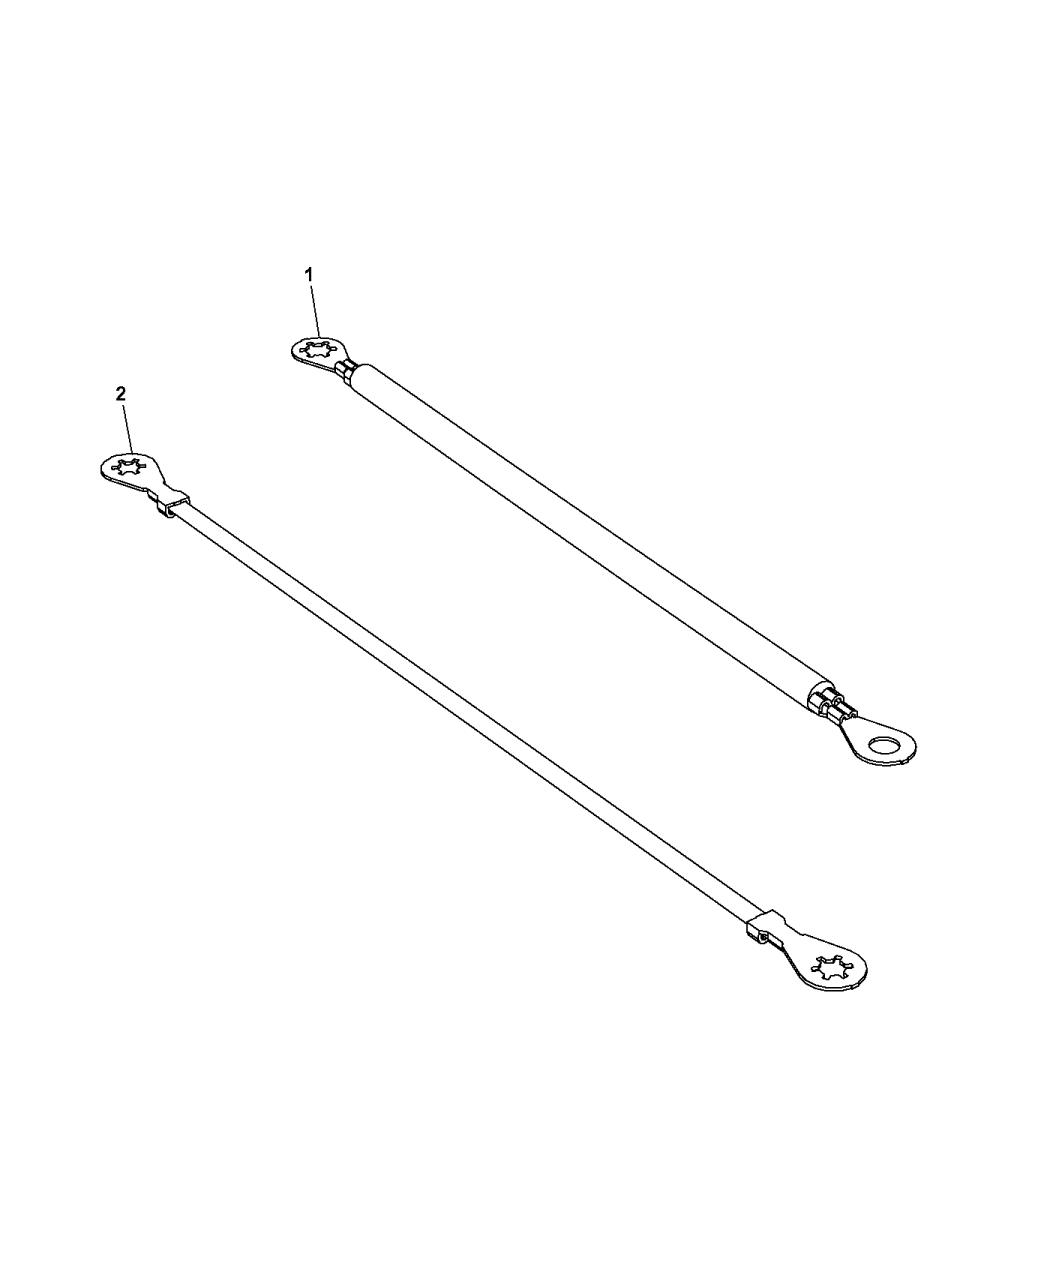 2015 Dodge Dart Ground Straps - Powertrain